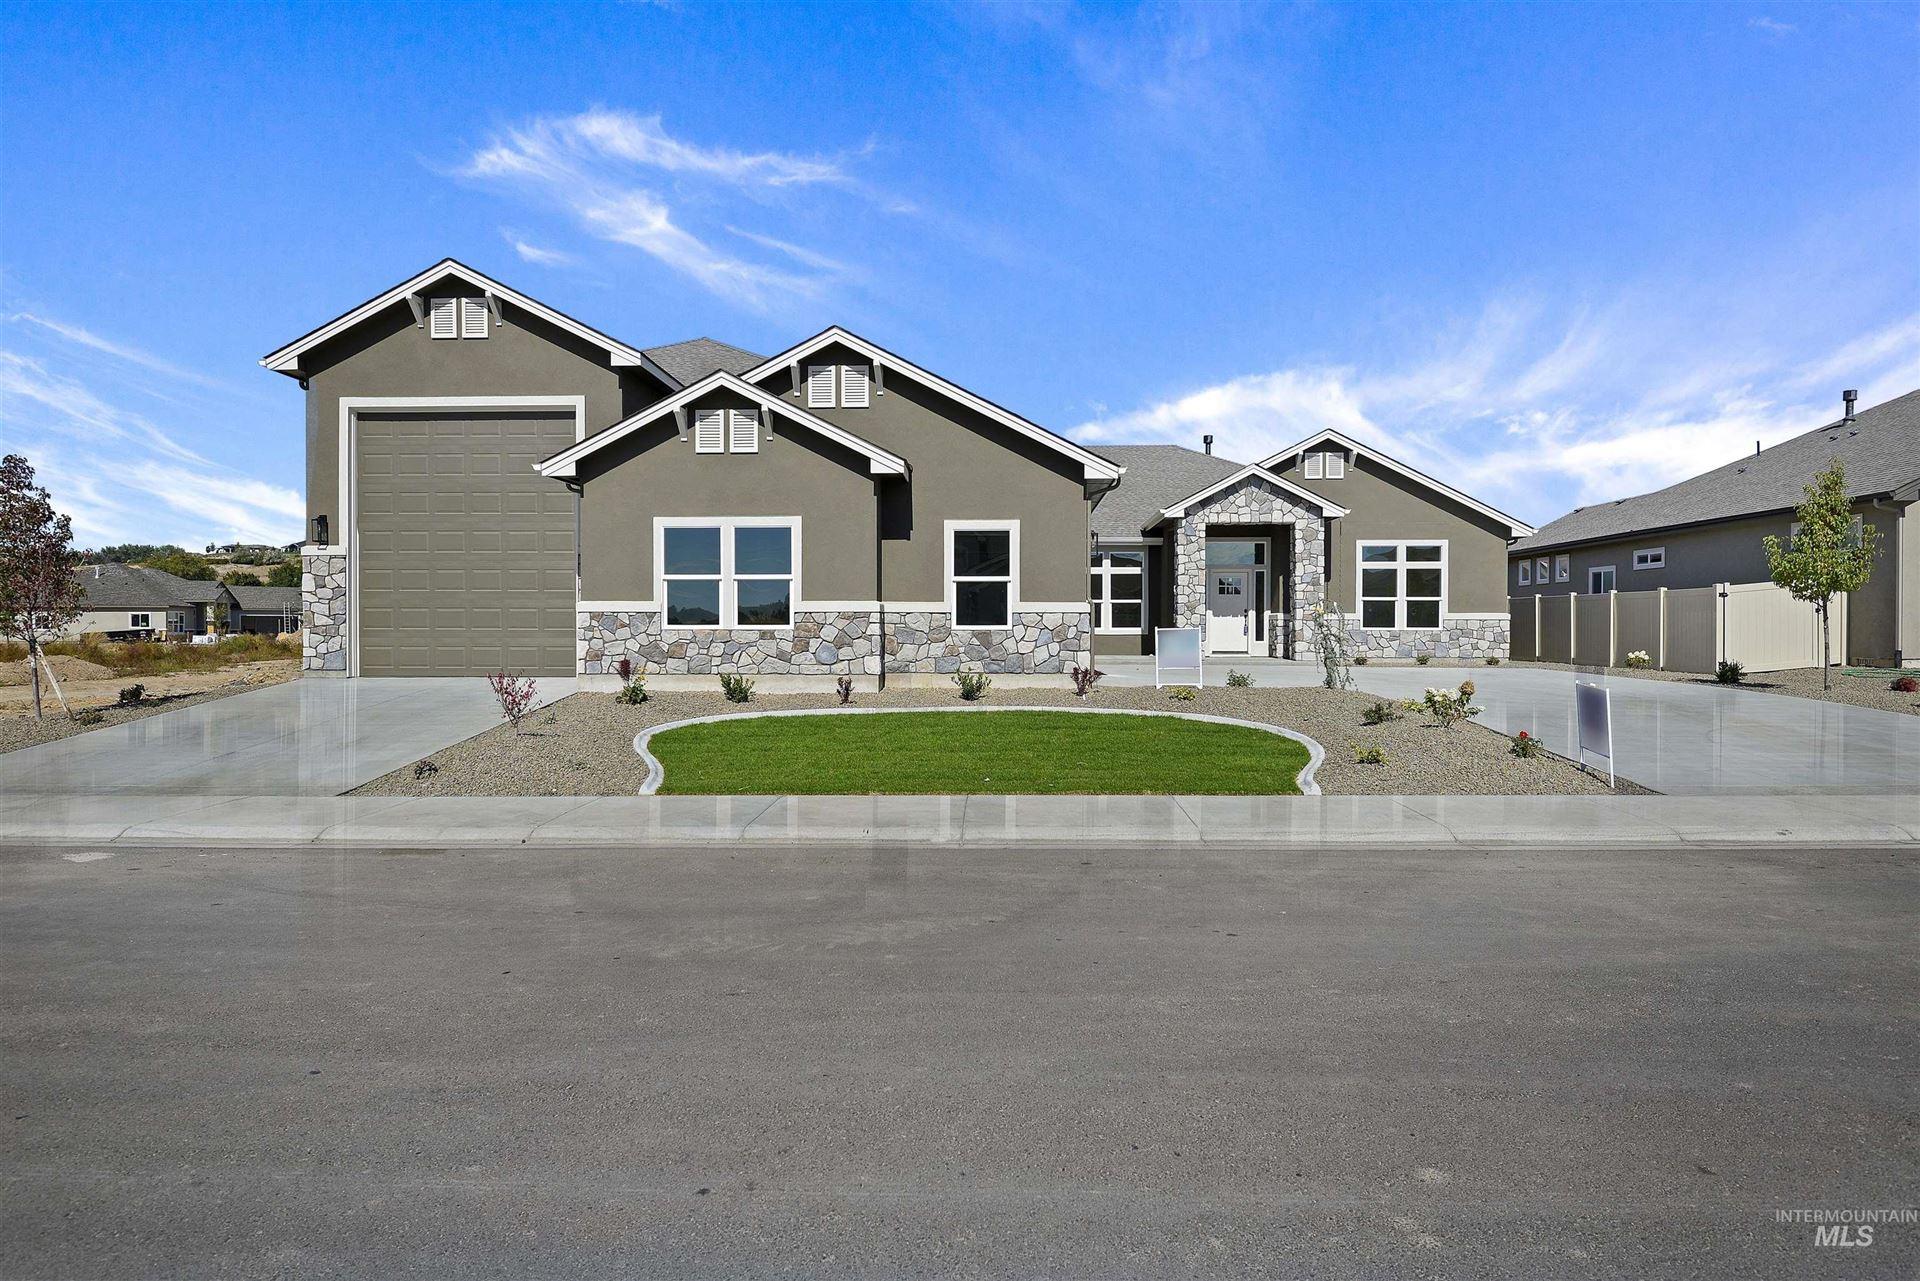 12650 W Shorthorn St, Star, ID 83669 - MLS#: 98815796